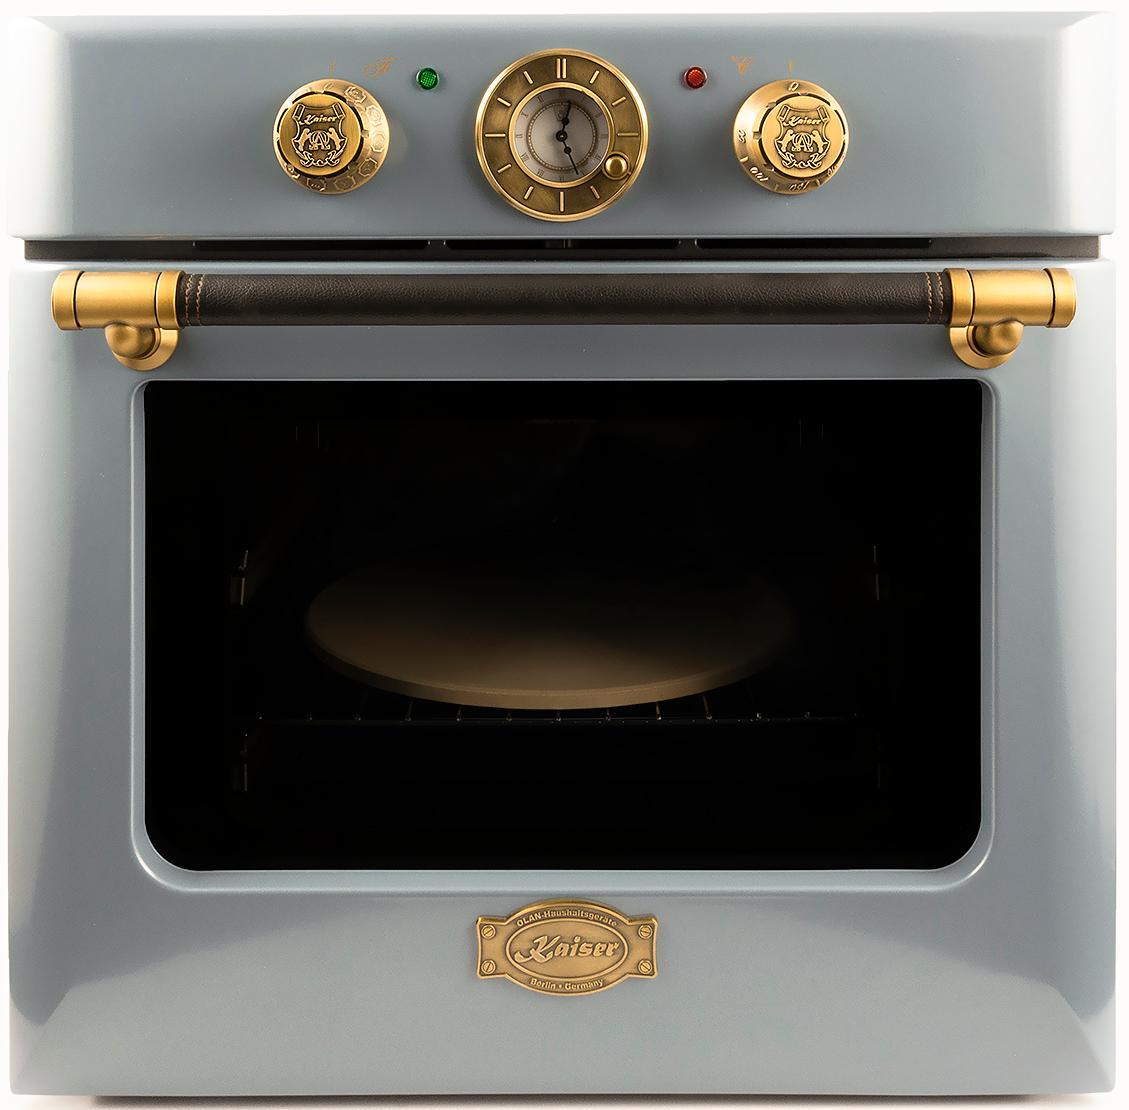 Встраиваемый электрический духовой шкаф Kaiser EH 6424 GrBe Eco